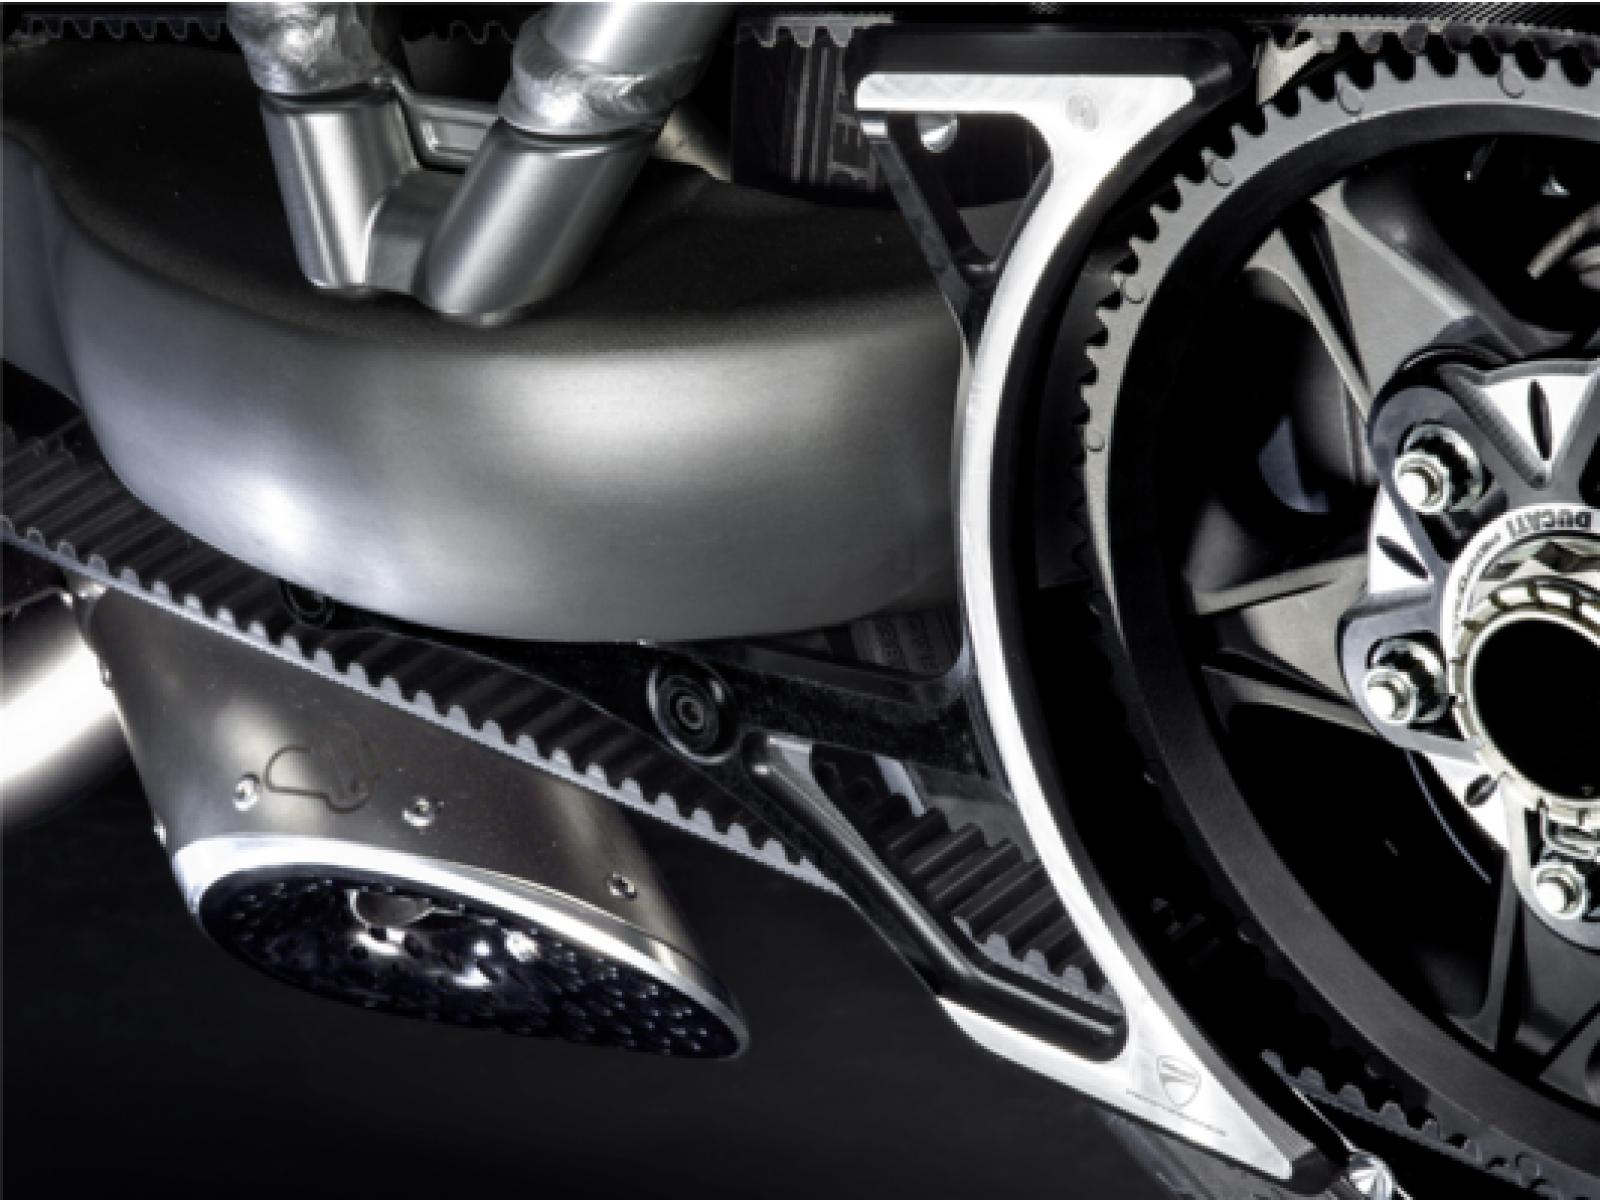 Защита приводного ремня для Ducati XDiavel 16-17